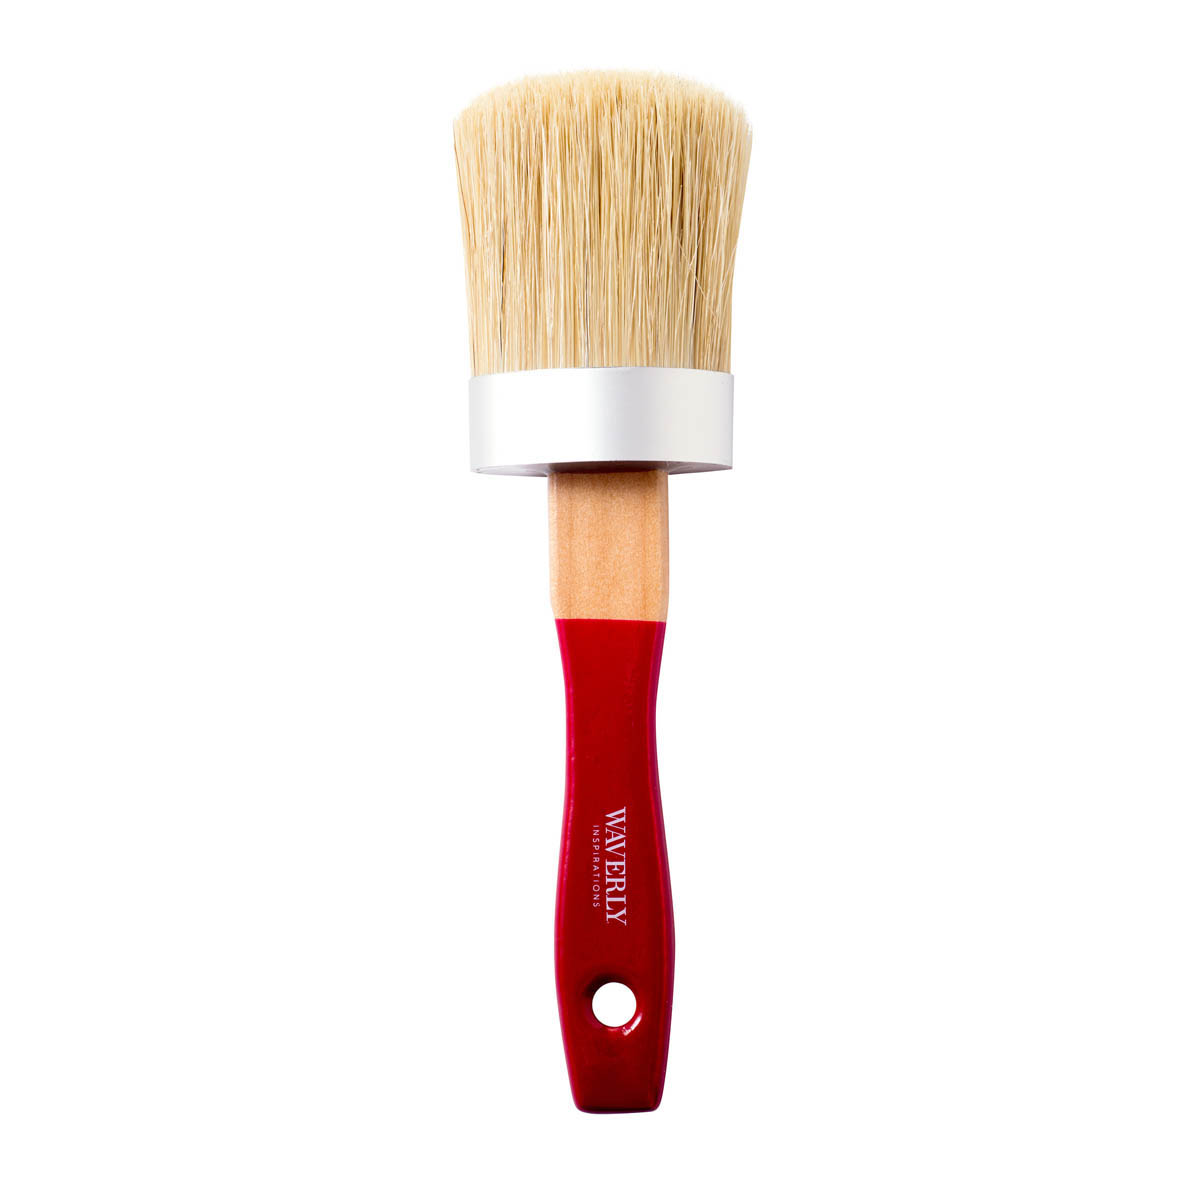 Waverly ® Inspirations Brushes - Chalk Brush